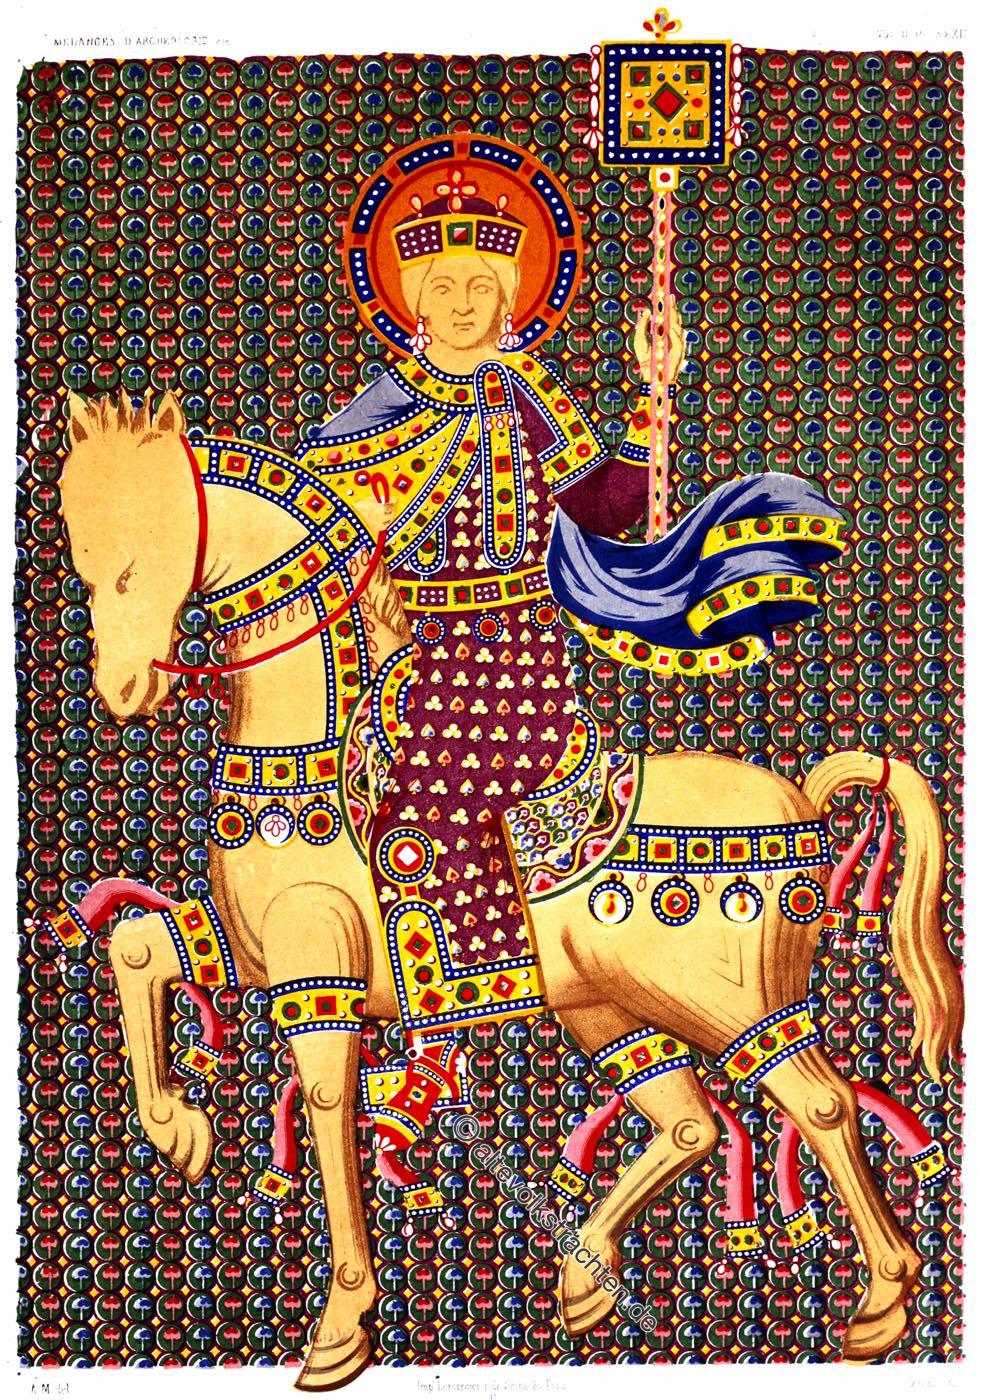 Byzanz, Mittelalter, Liturgie, Gewand, Bischof, Bamberg, Mittelalter,